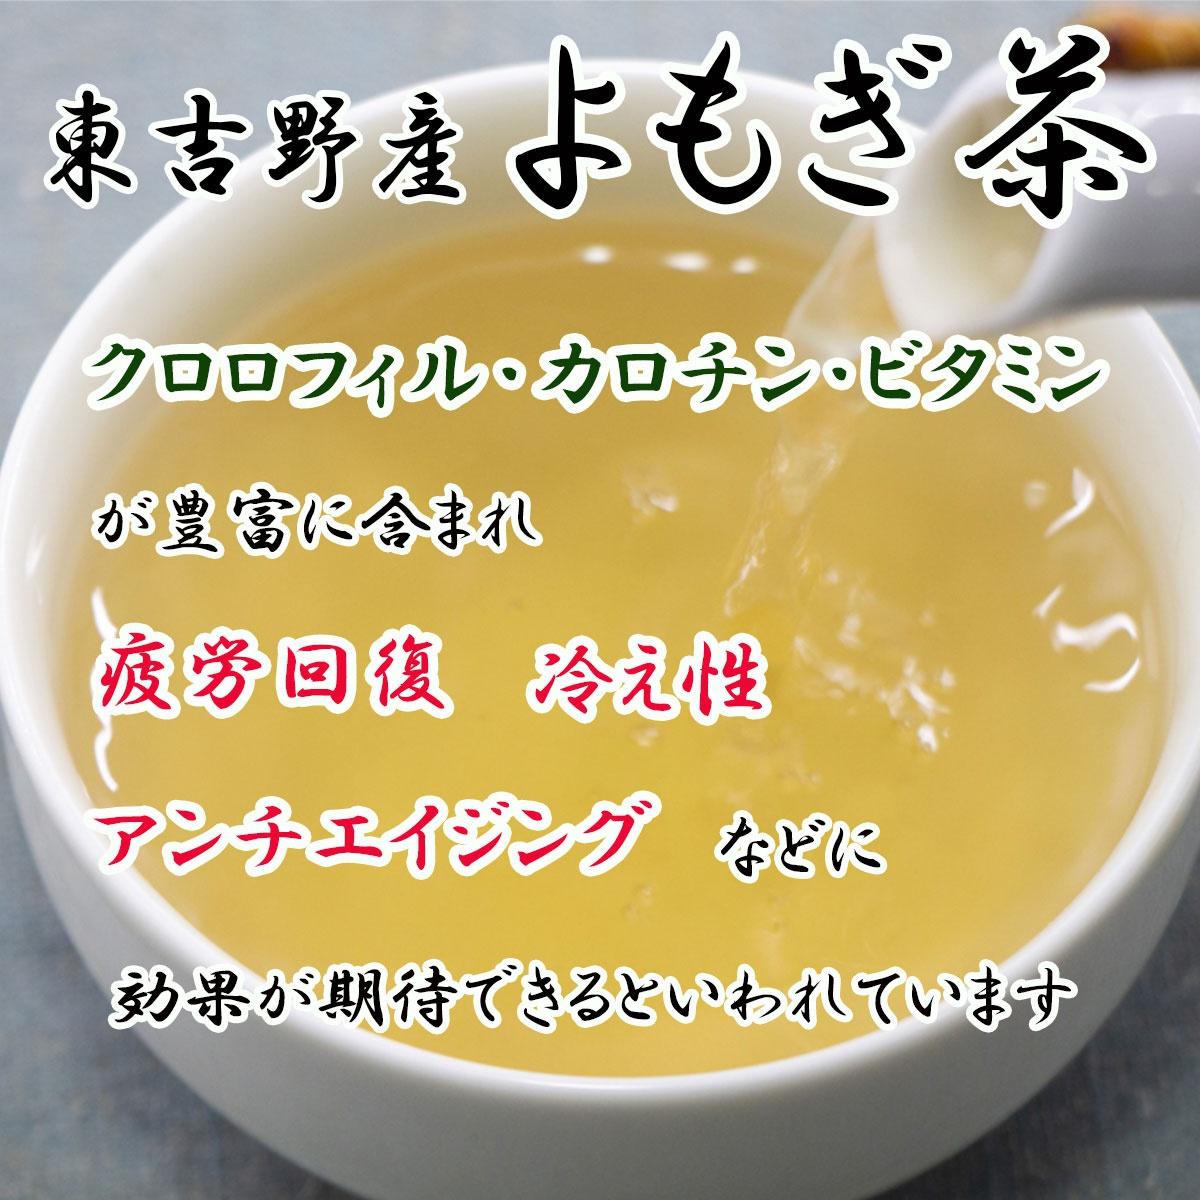 深吉野よもぎ加工組合 よもぎ茶 よもぎティーバッグの商品画像4